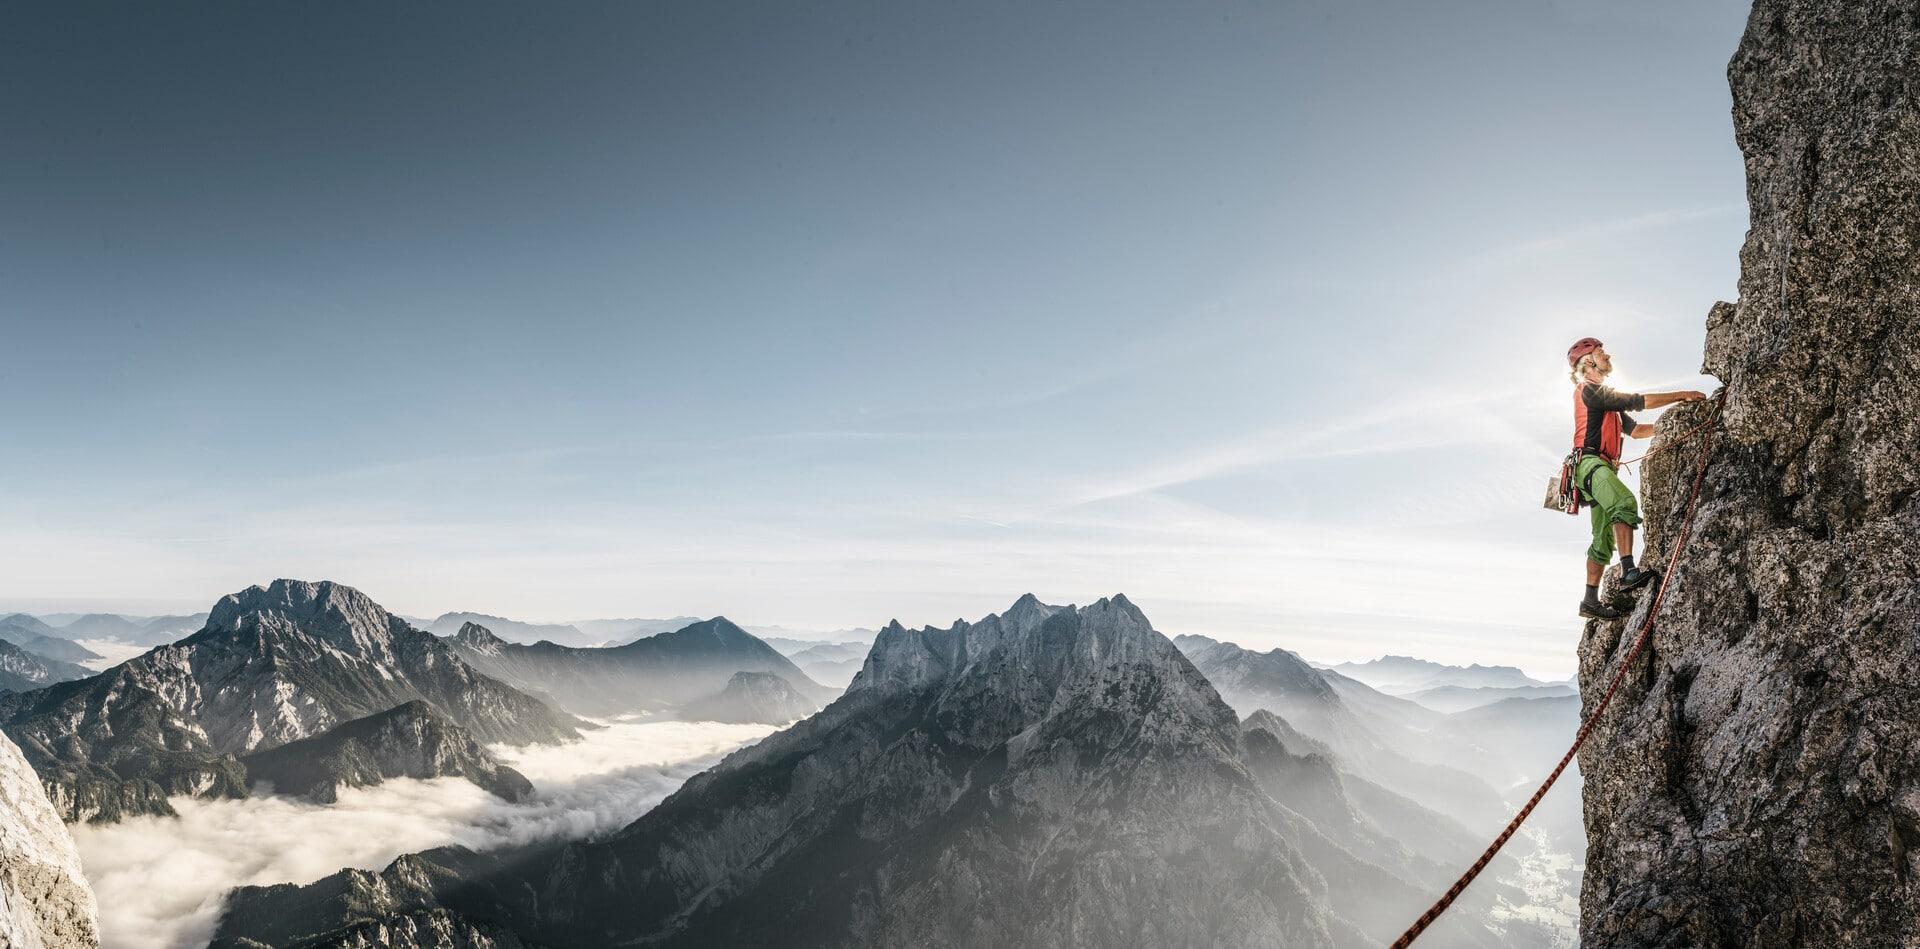 Bergwelten_©StefanLeitner_007 (2)